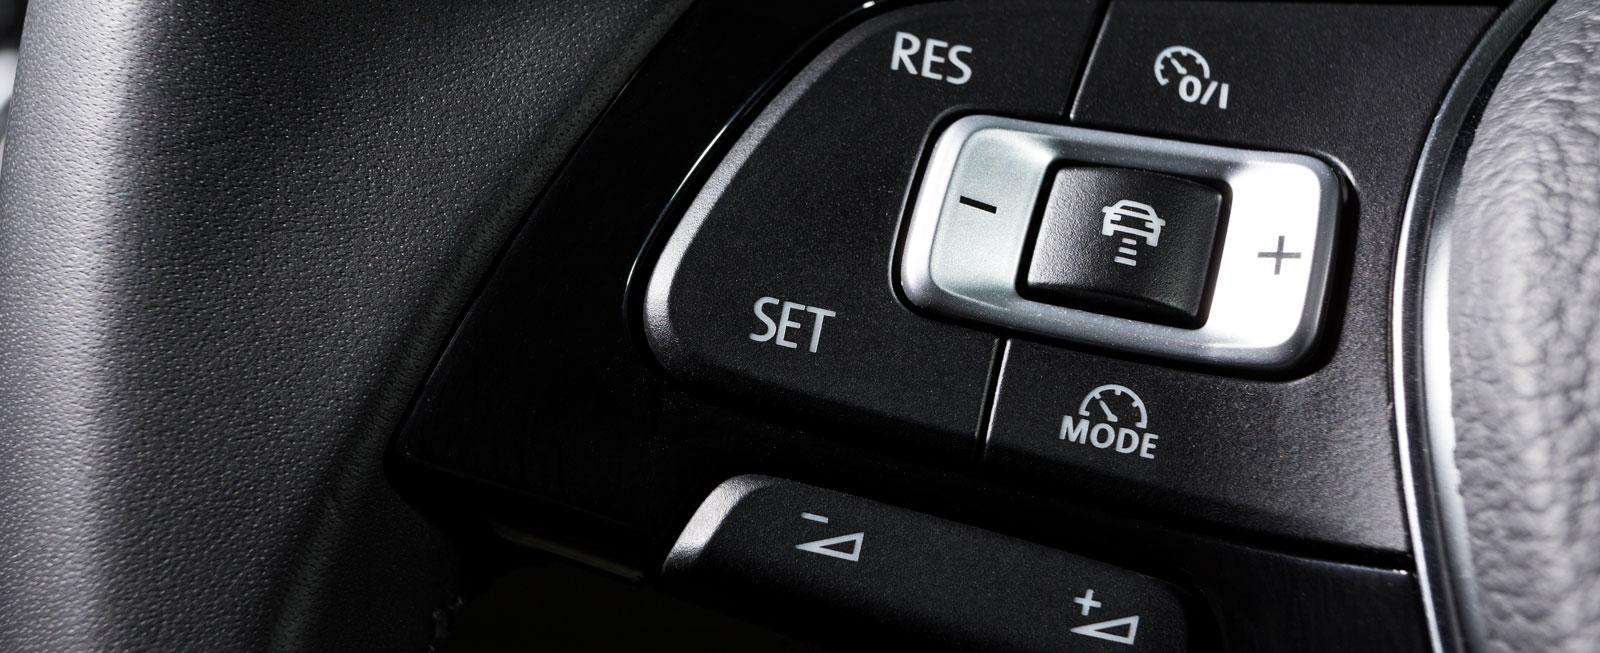 Testets bästa rattknappar – det är närmast omöjligt att hamna fel. Dessutom föredrog alla testförare att ha ljudanläggningens volymjustering på vänster sida av ratten.